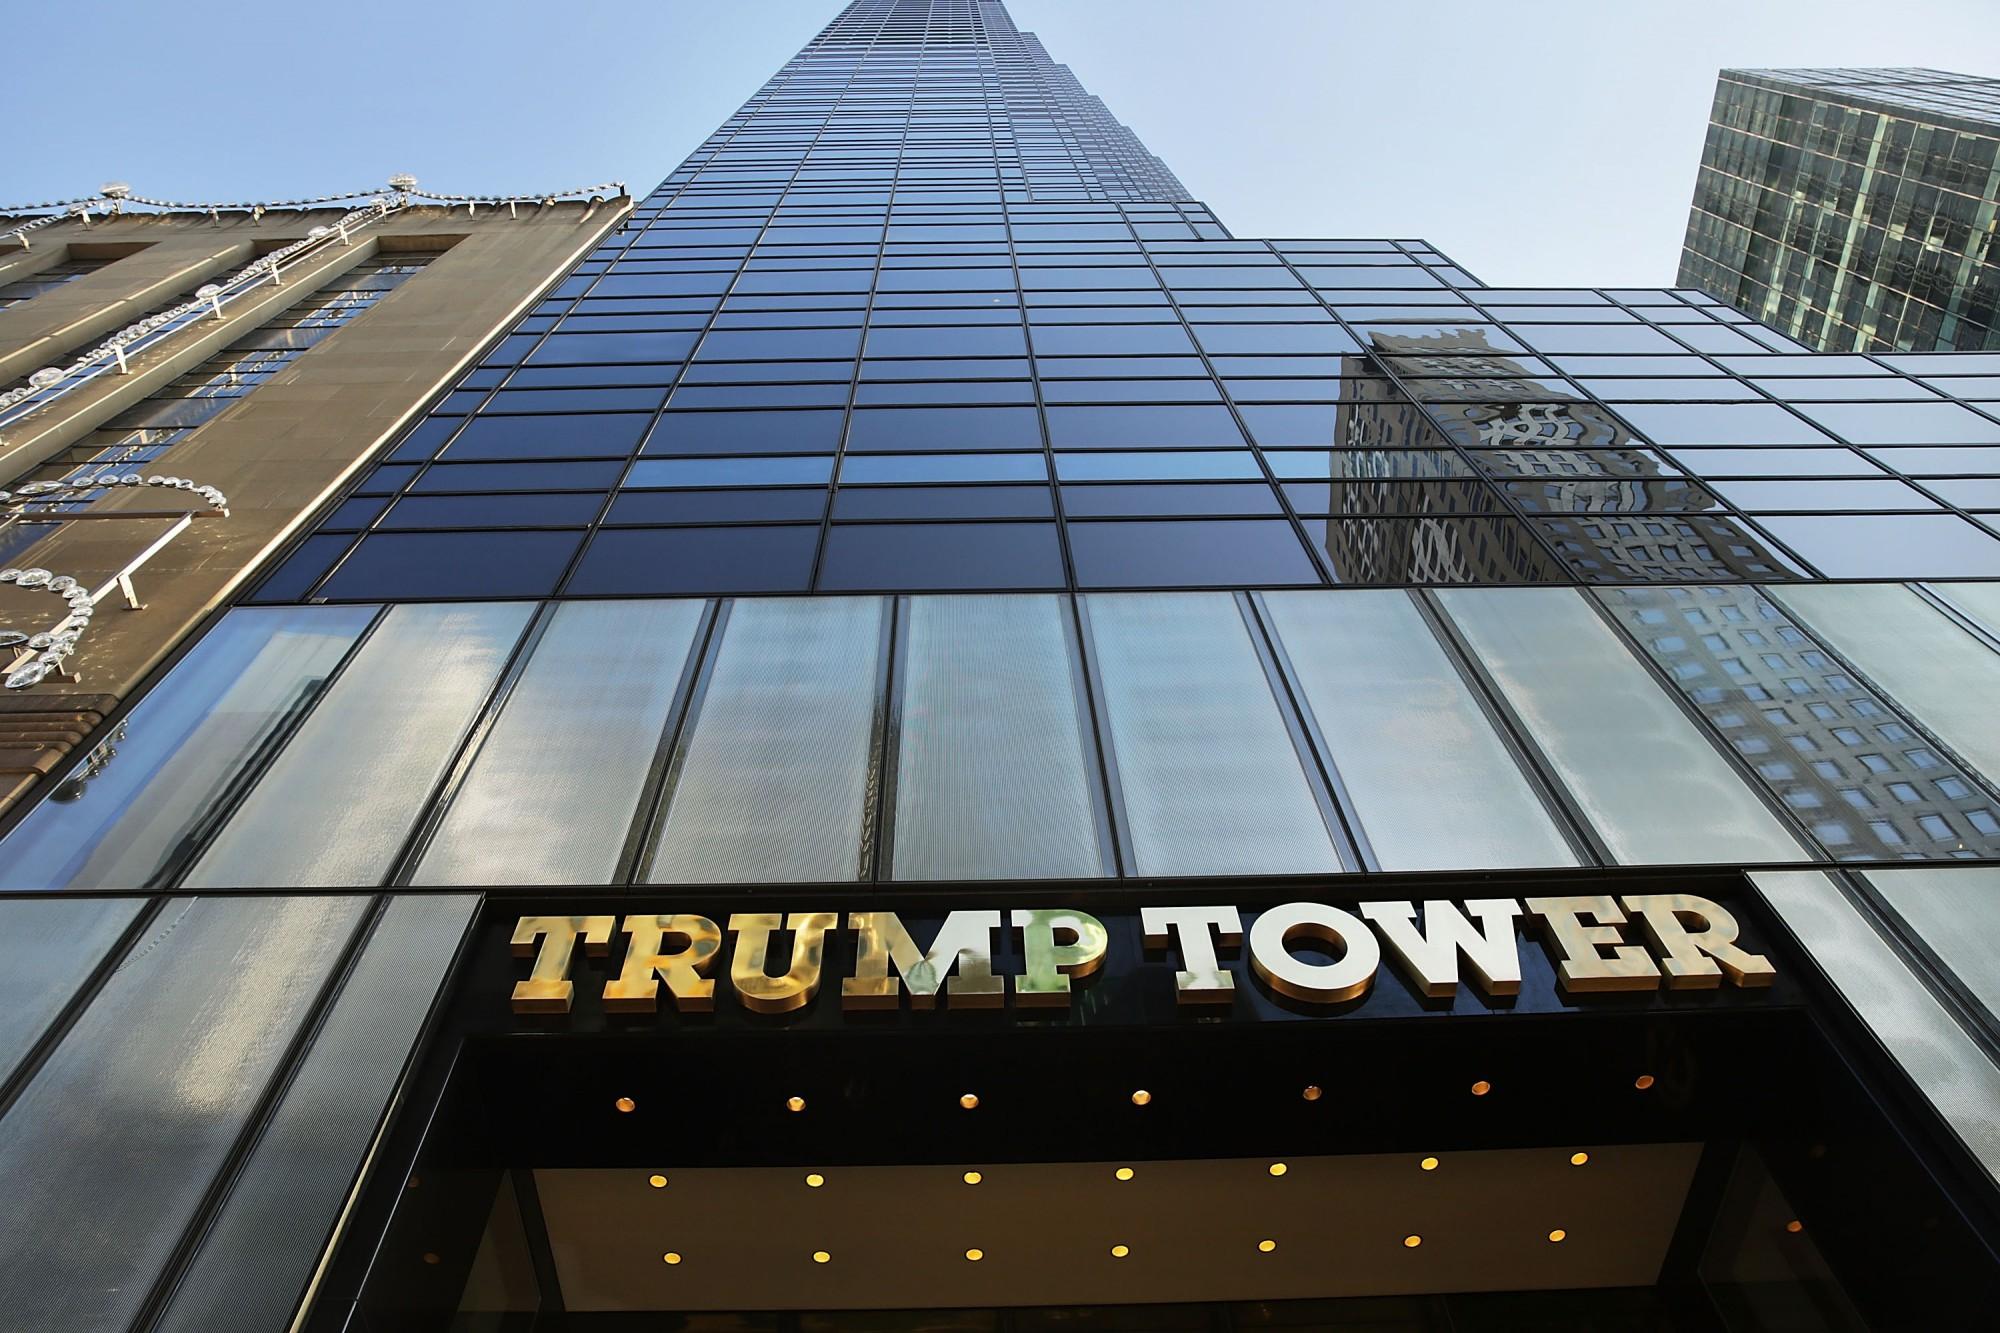 Apartamento na Trump Tower (Nova Iorque) – Valor: 100 milhões de euros